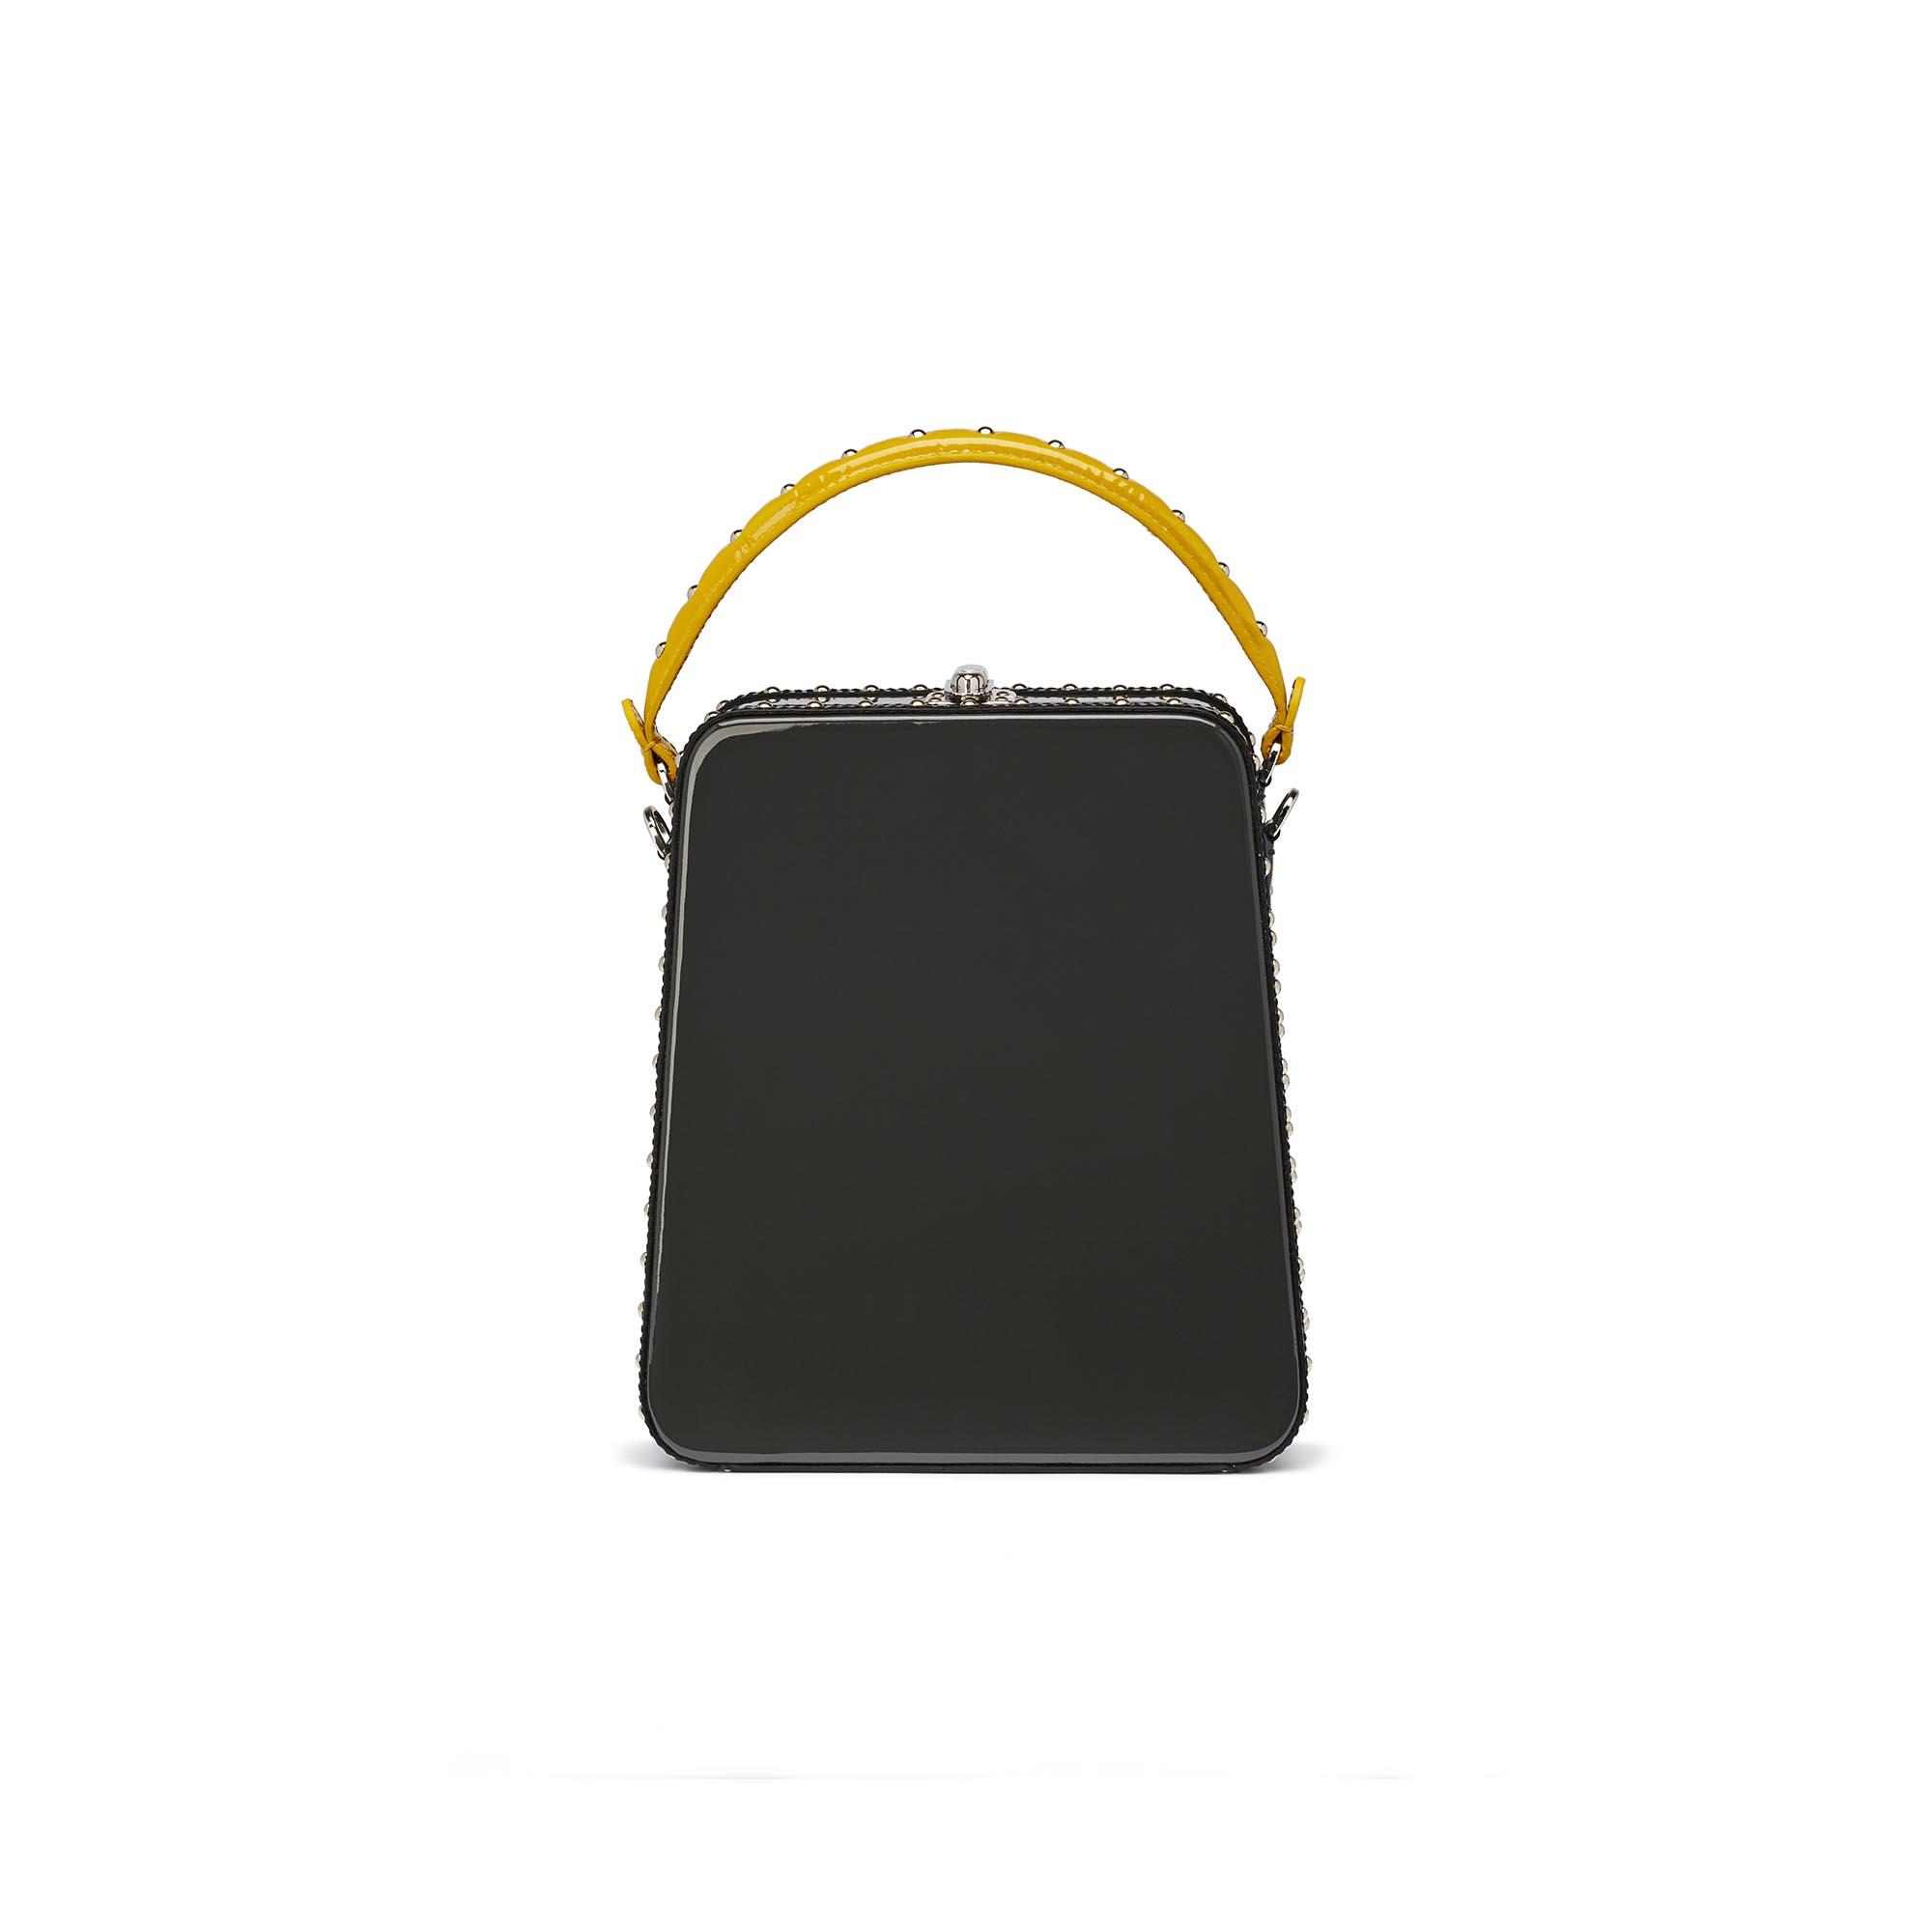 Tall-Bertoncina-gray-patent-leather-bag-Bertoni-1949_01